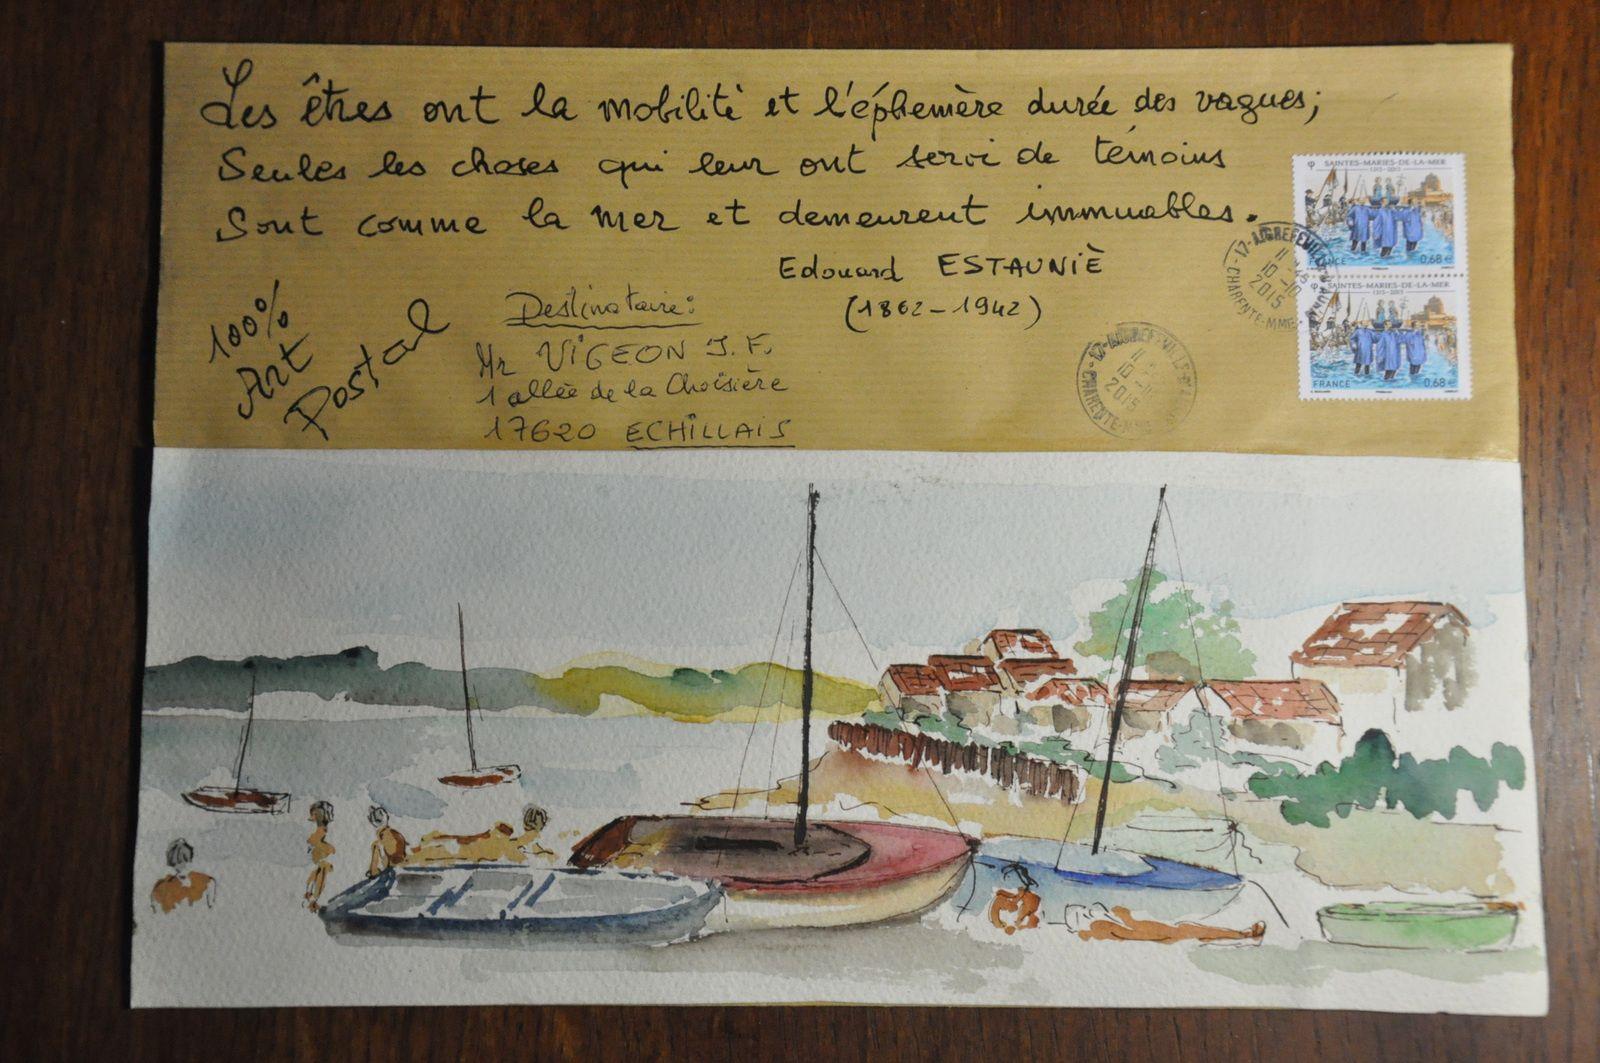 Merci de nouveau à Jean-Michel Trouche qui est toujours atteint du virus de l'ARt postal et c'est tant mieux! La Poste, bienveillante, a protégé l'une de ces oeuvres! MERCI!